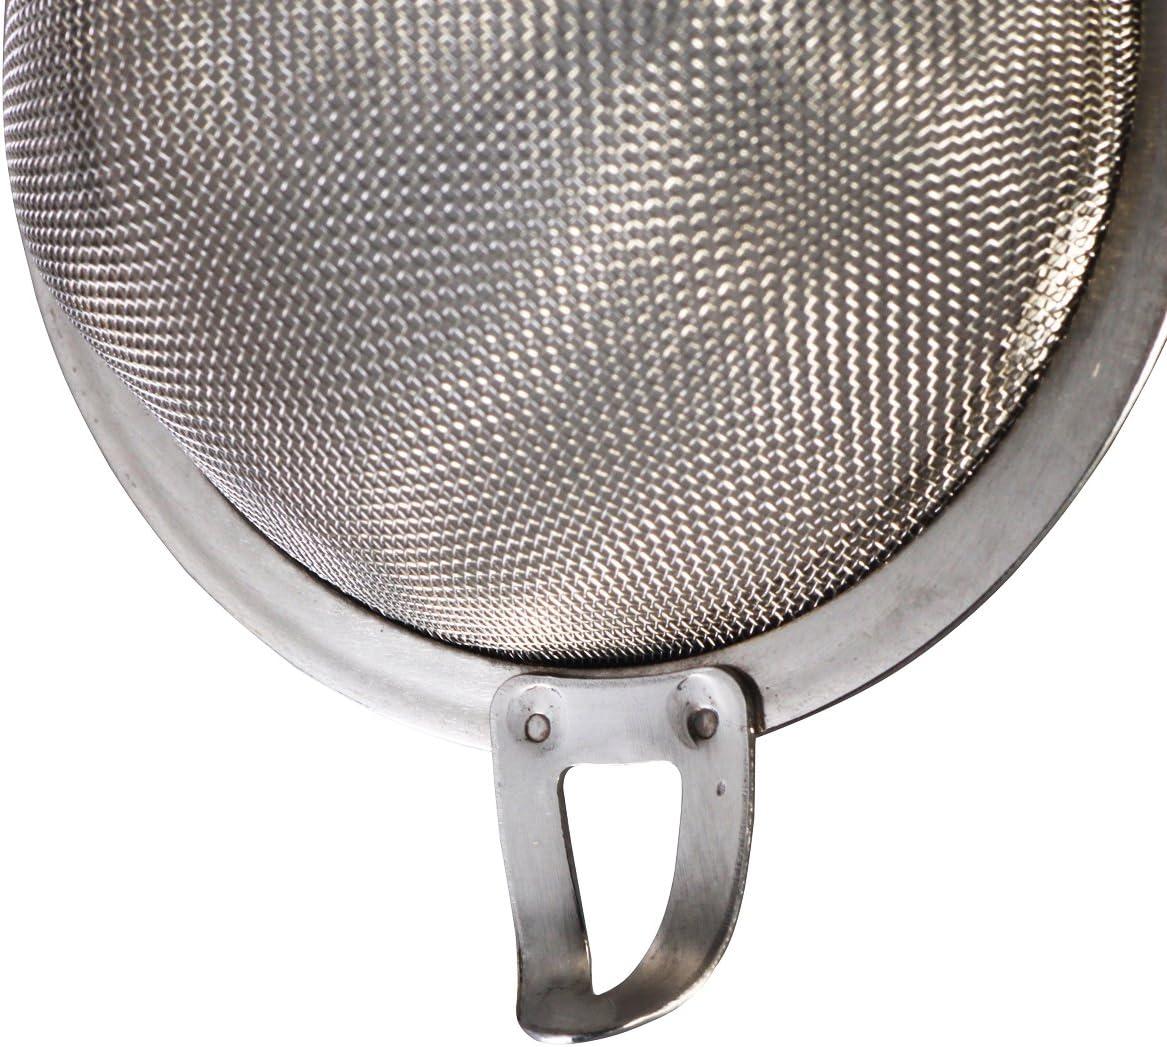 Tescoma Presto Colino 6 cm Acciaio Inossidabile Argento